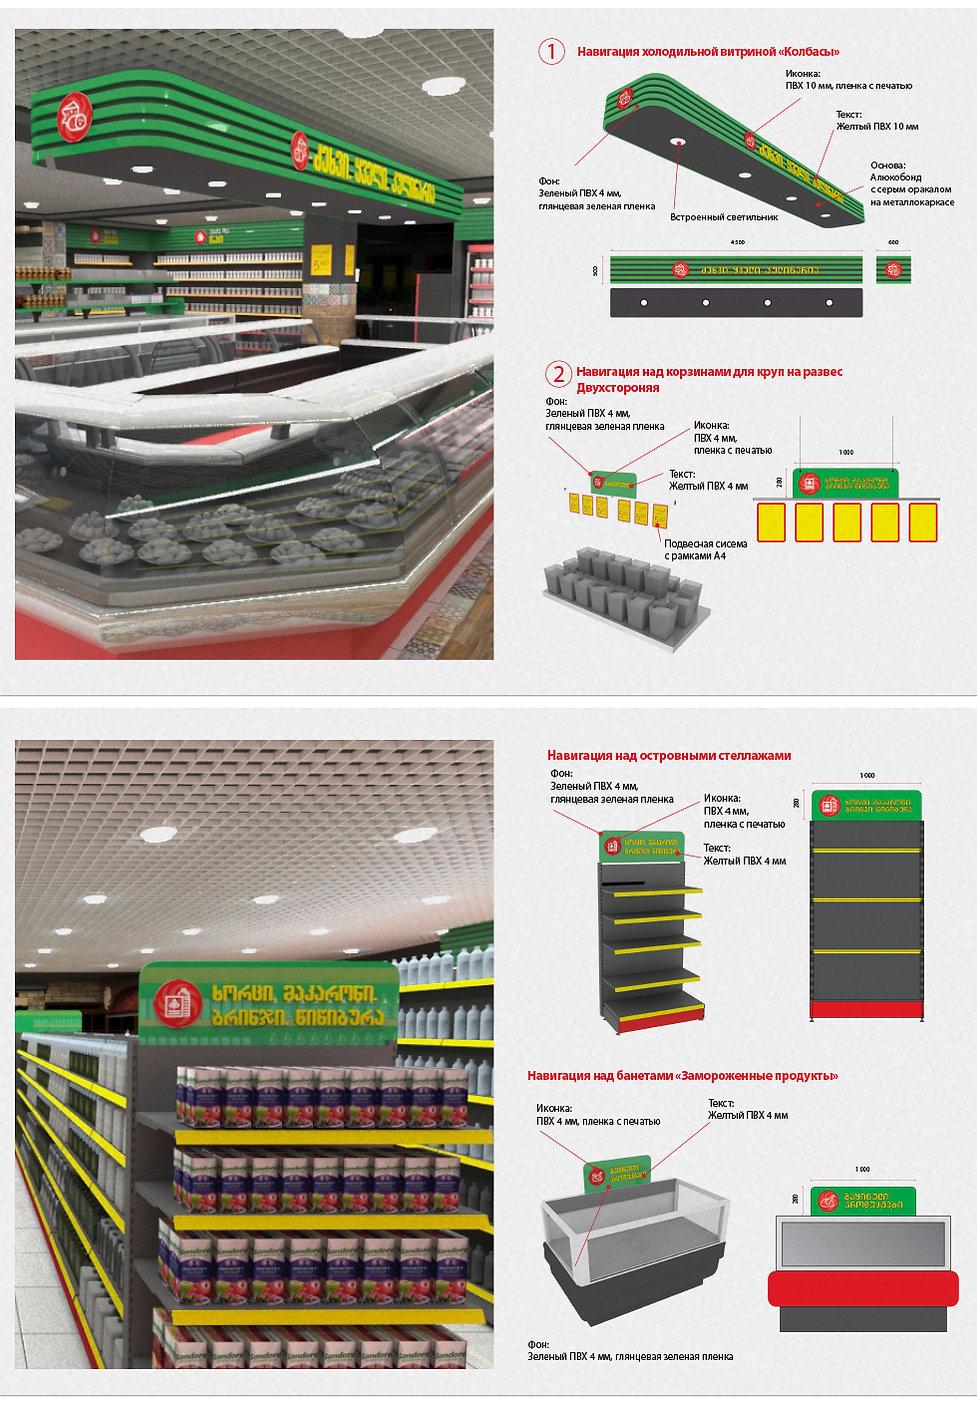 sanavigacios sistema marketshi 016.jpg